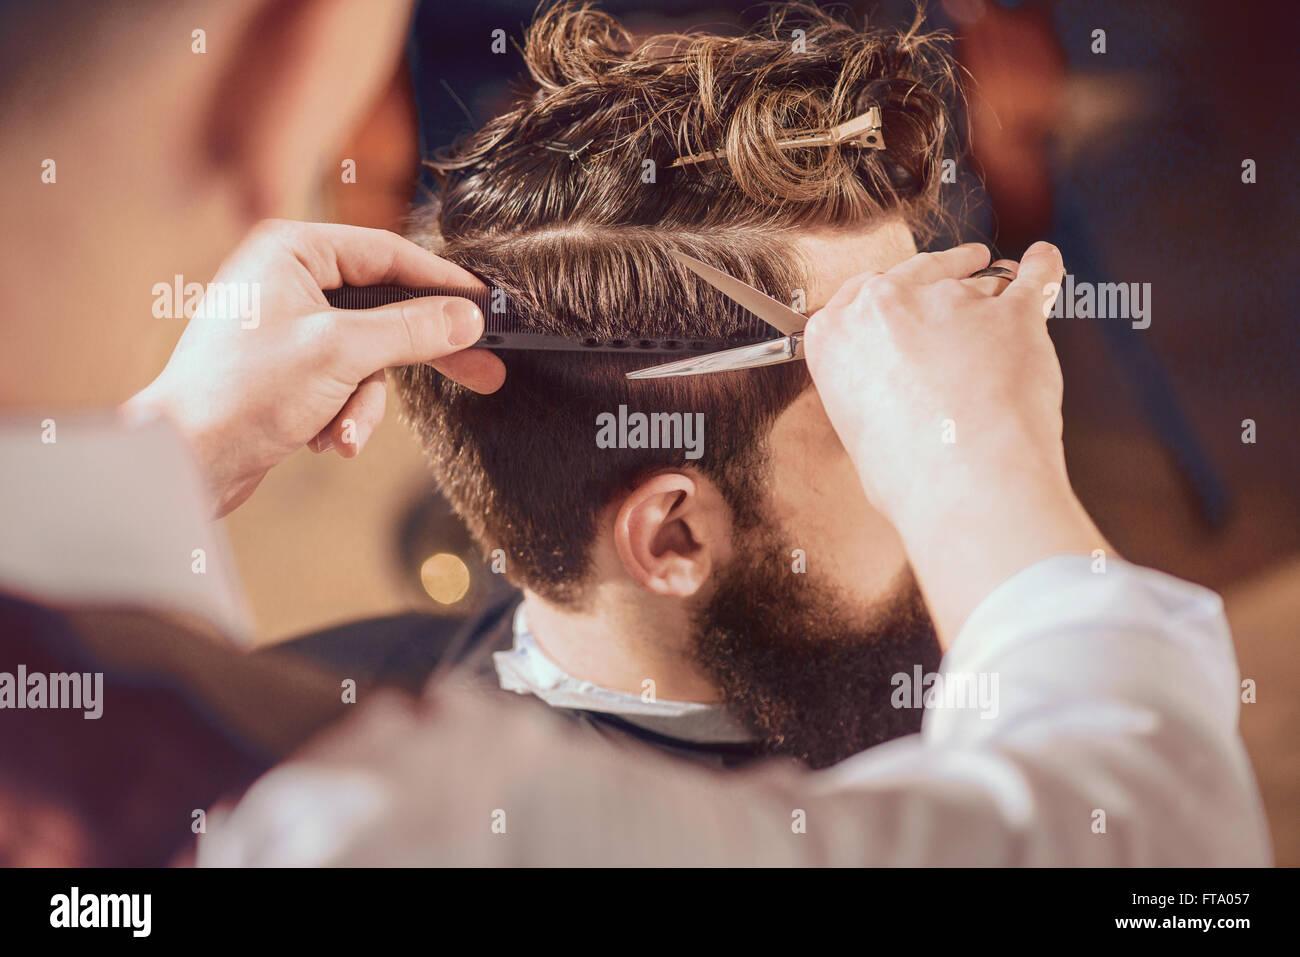 Salon de coiffure professionnel mise de son client Photo Stock